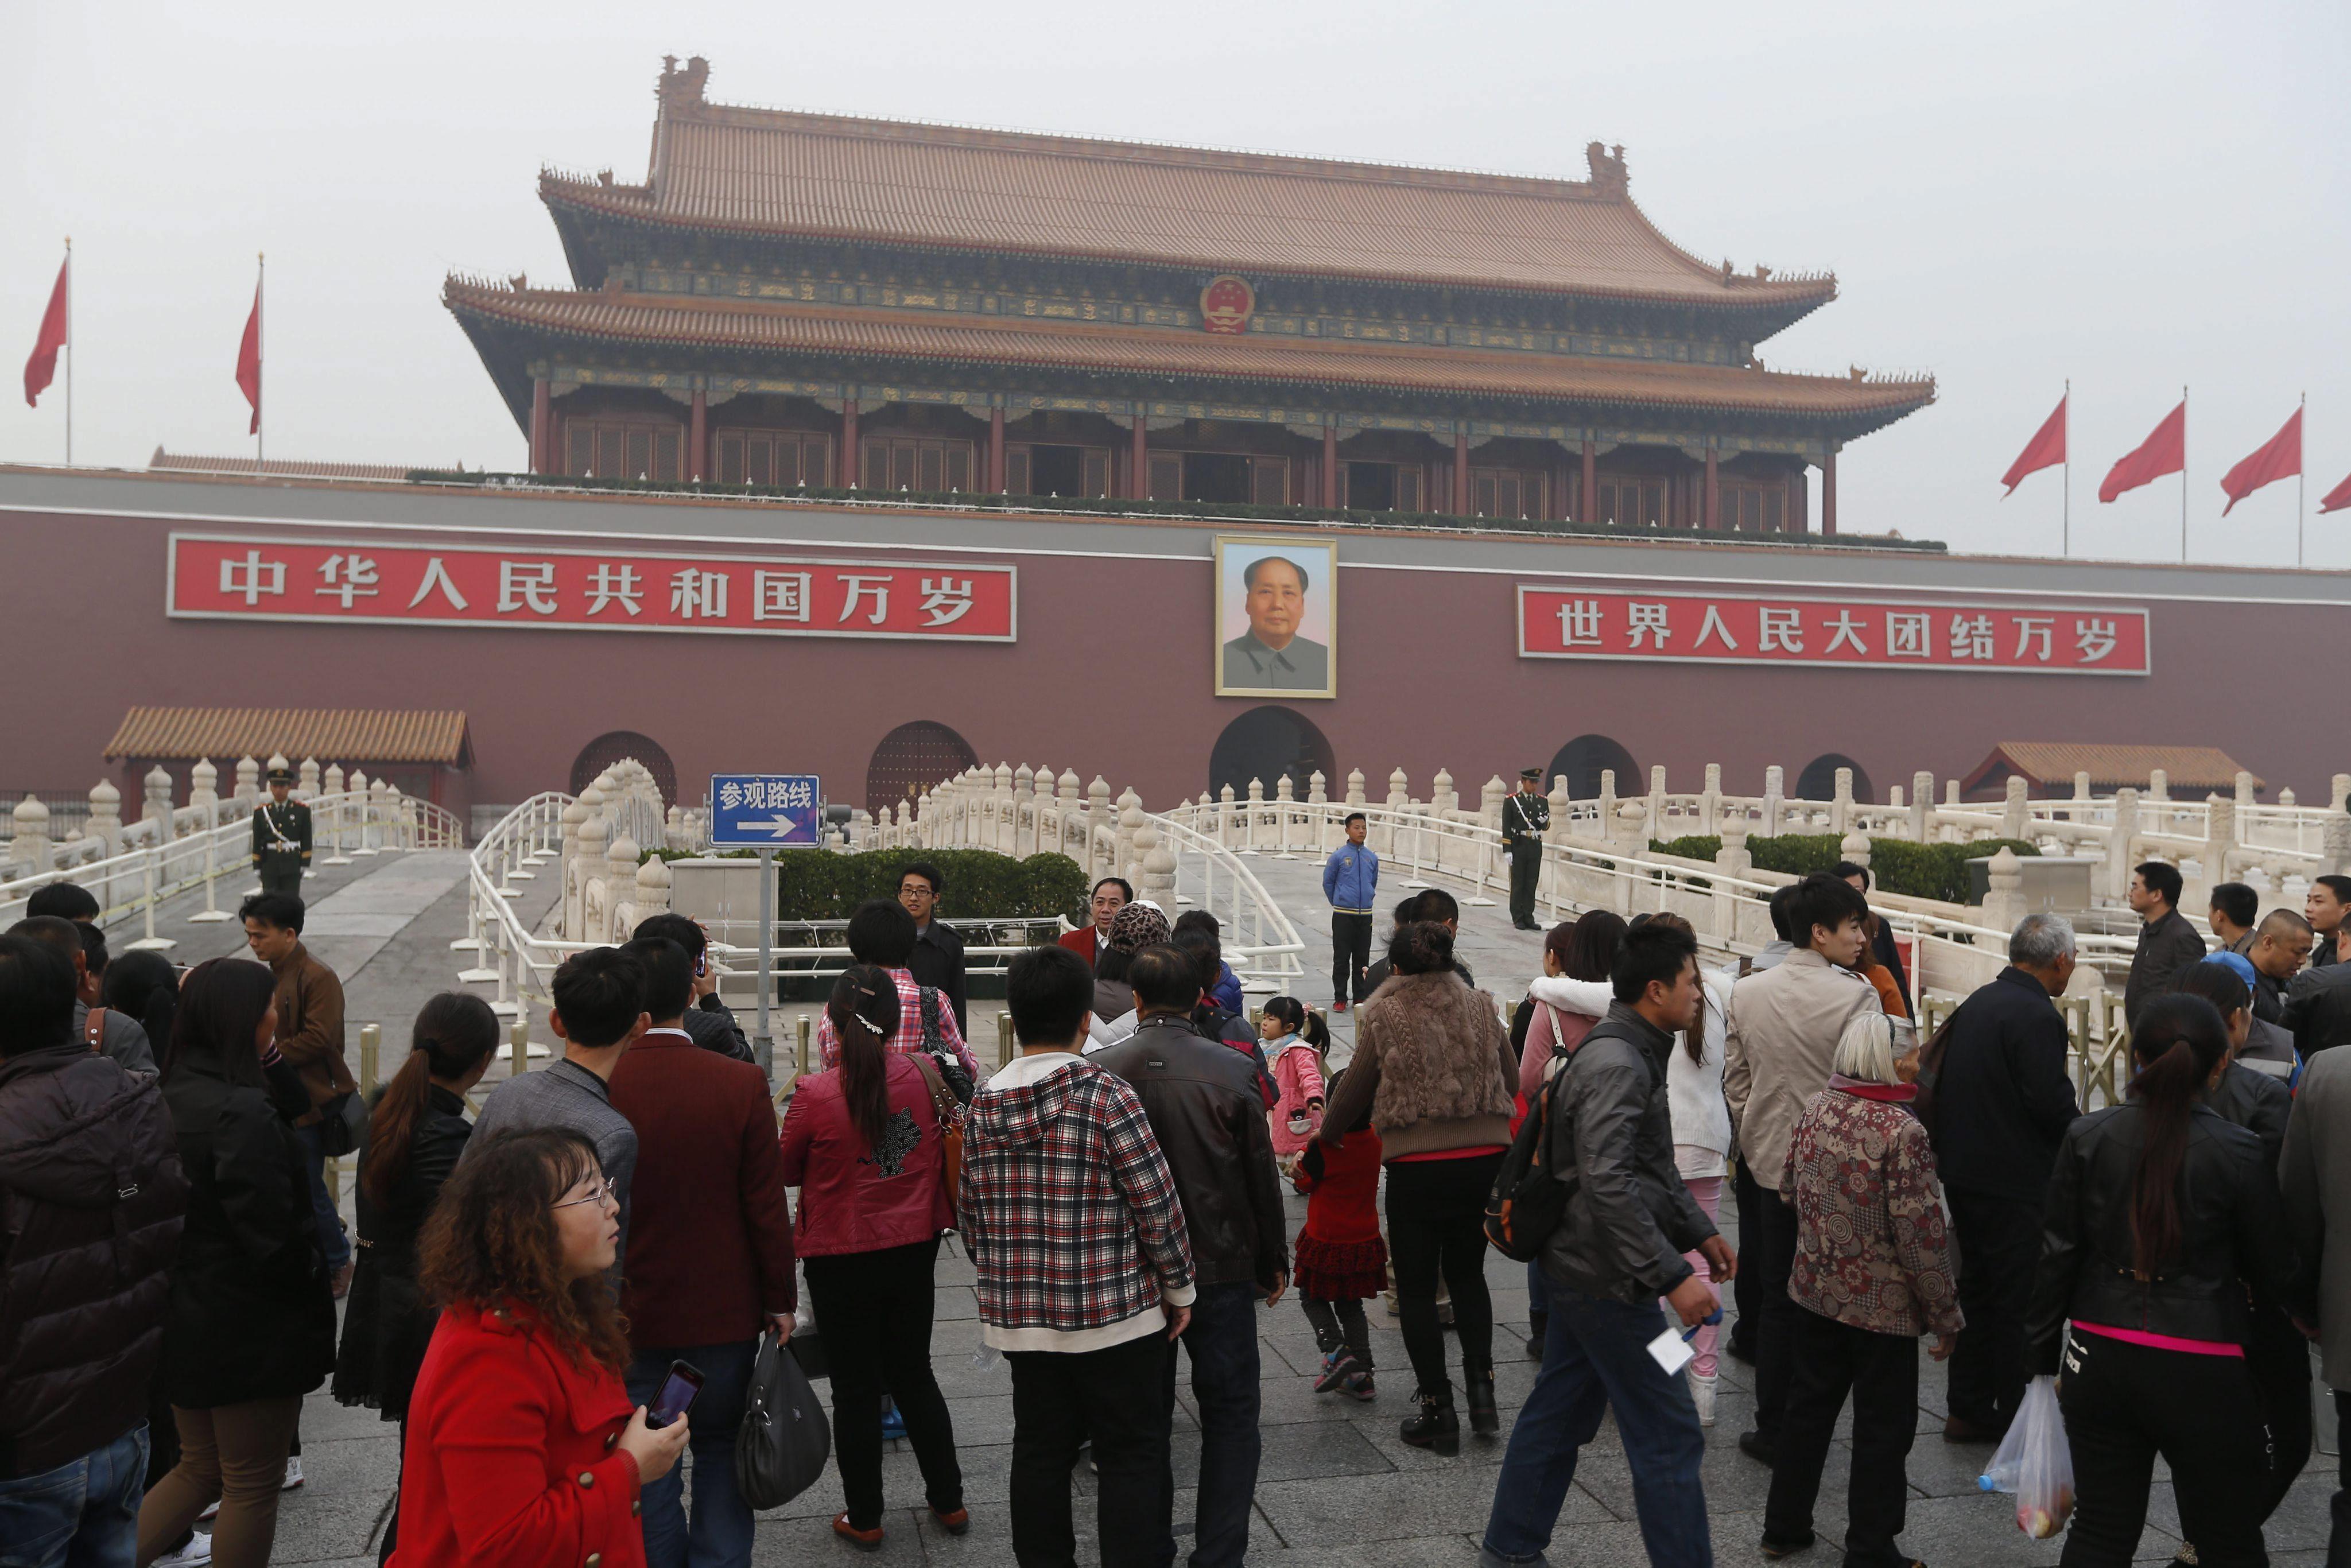 China eleva la alerta de seguridad en Pekín tras el ataque en Tiananmen